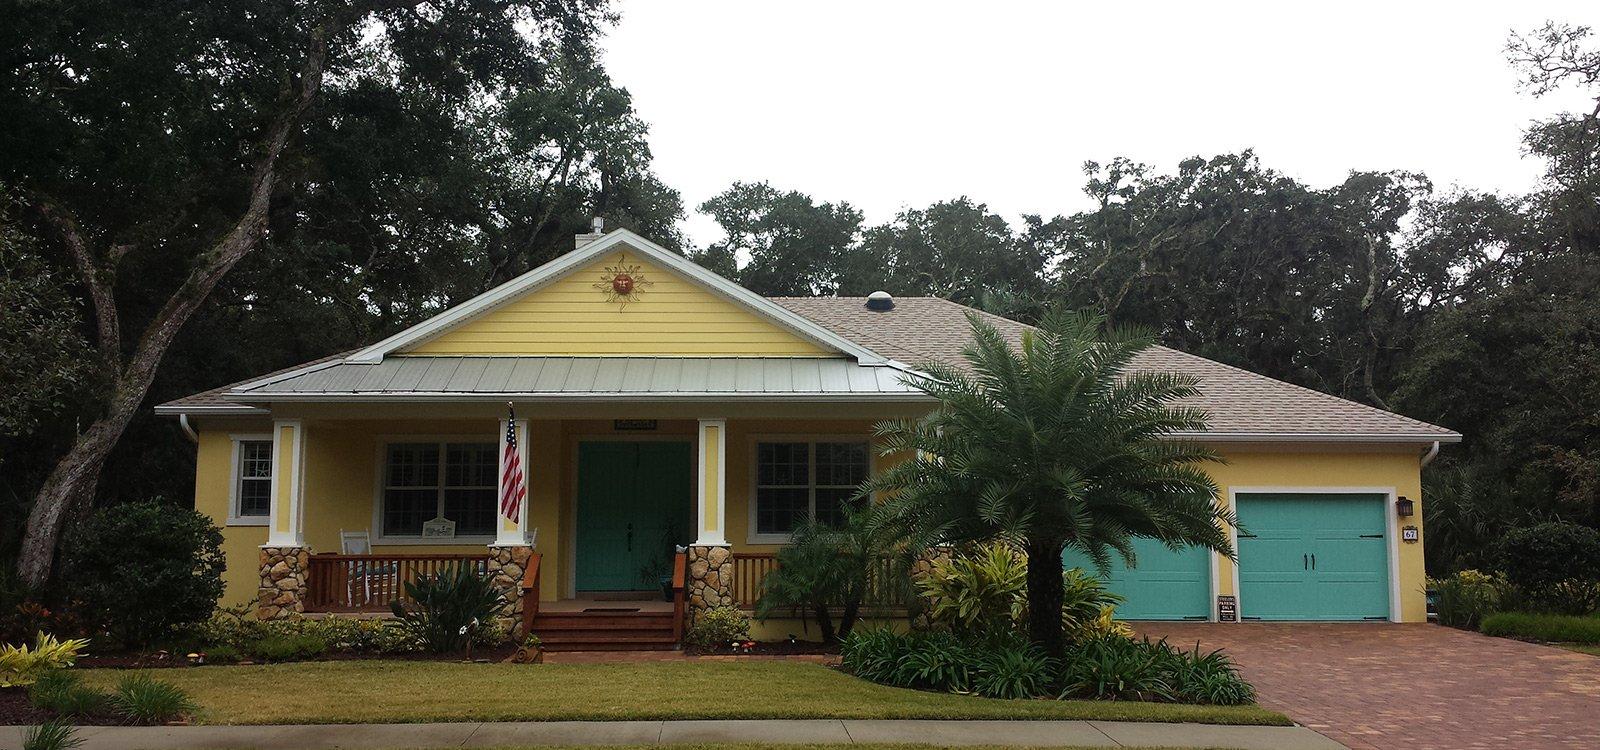 Keystone Homes image 9